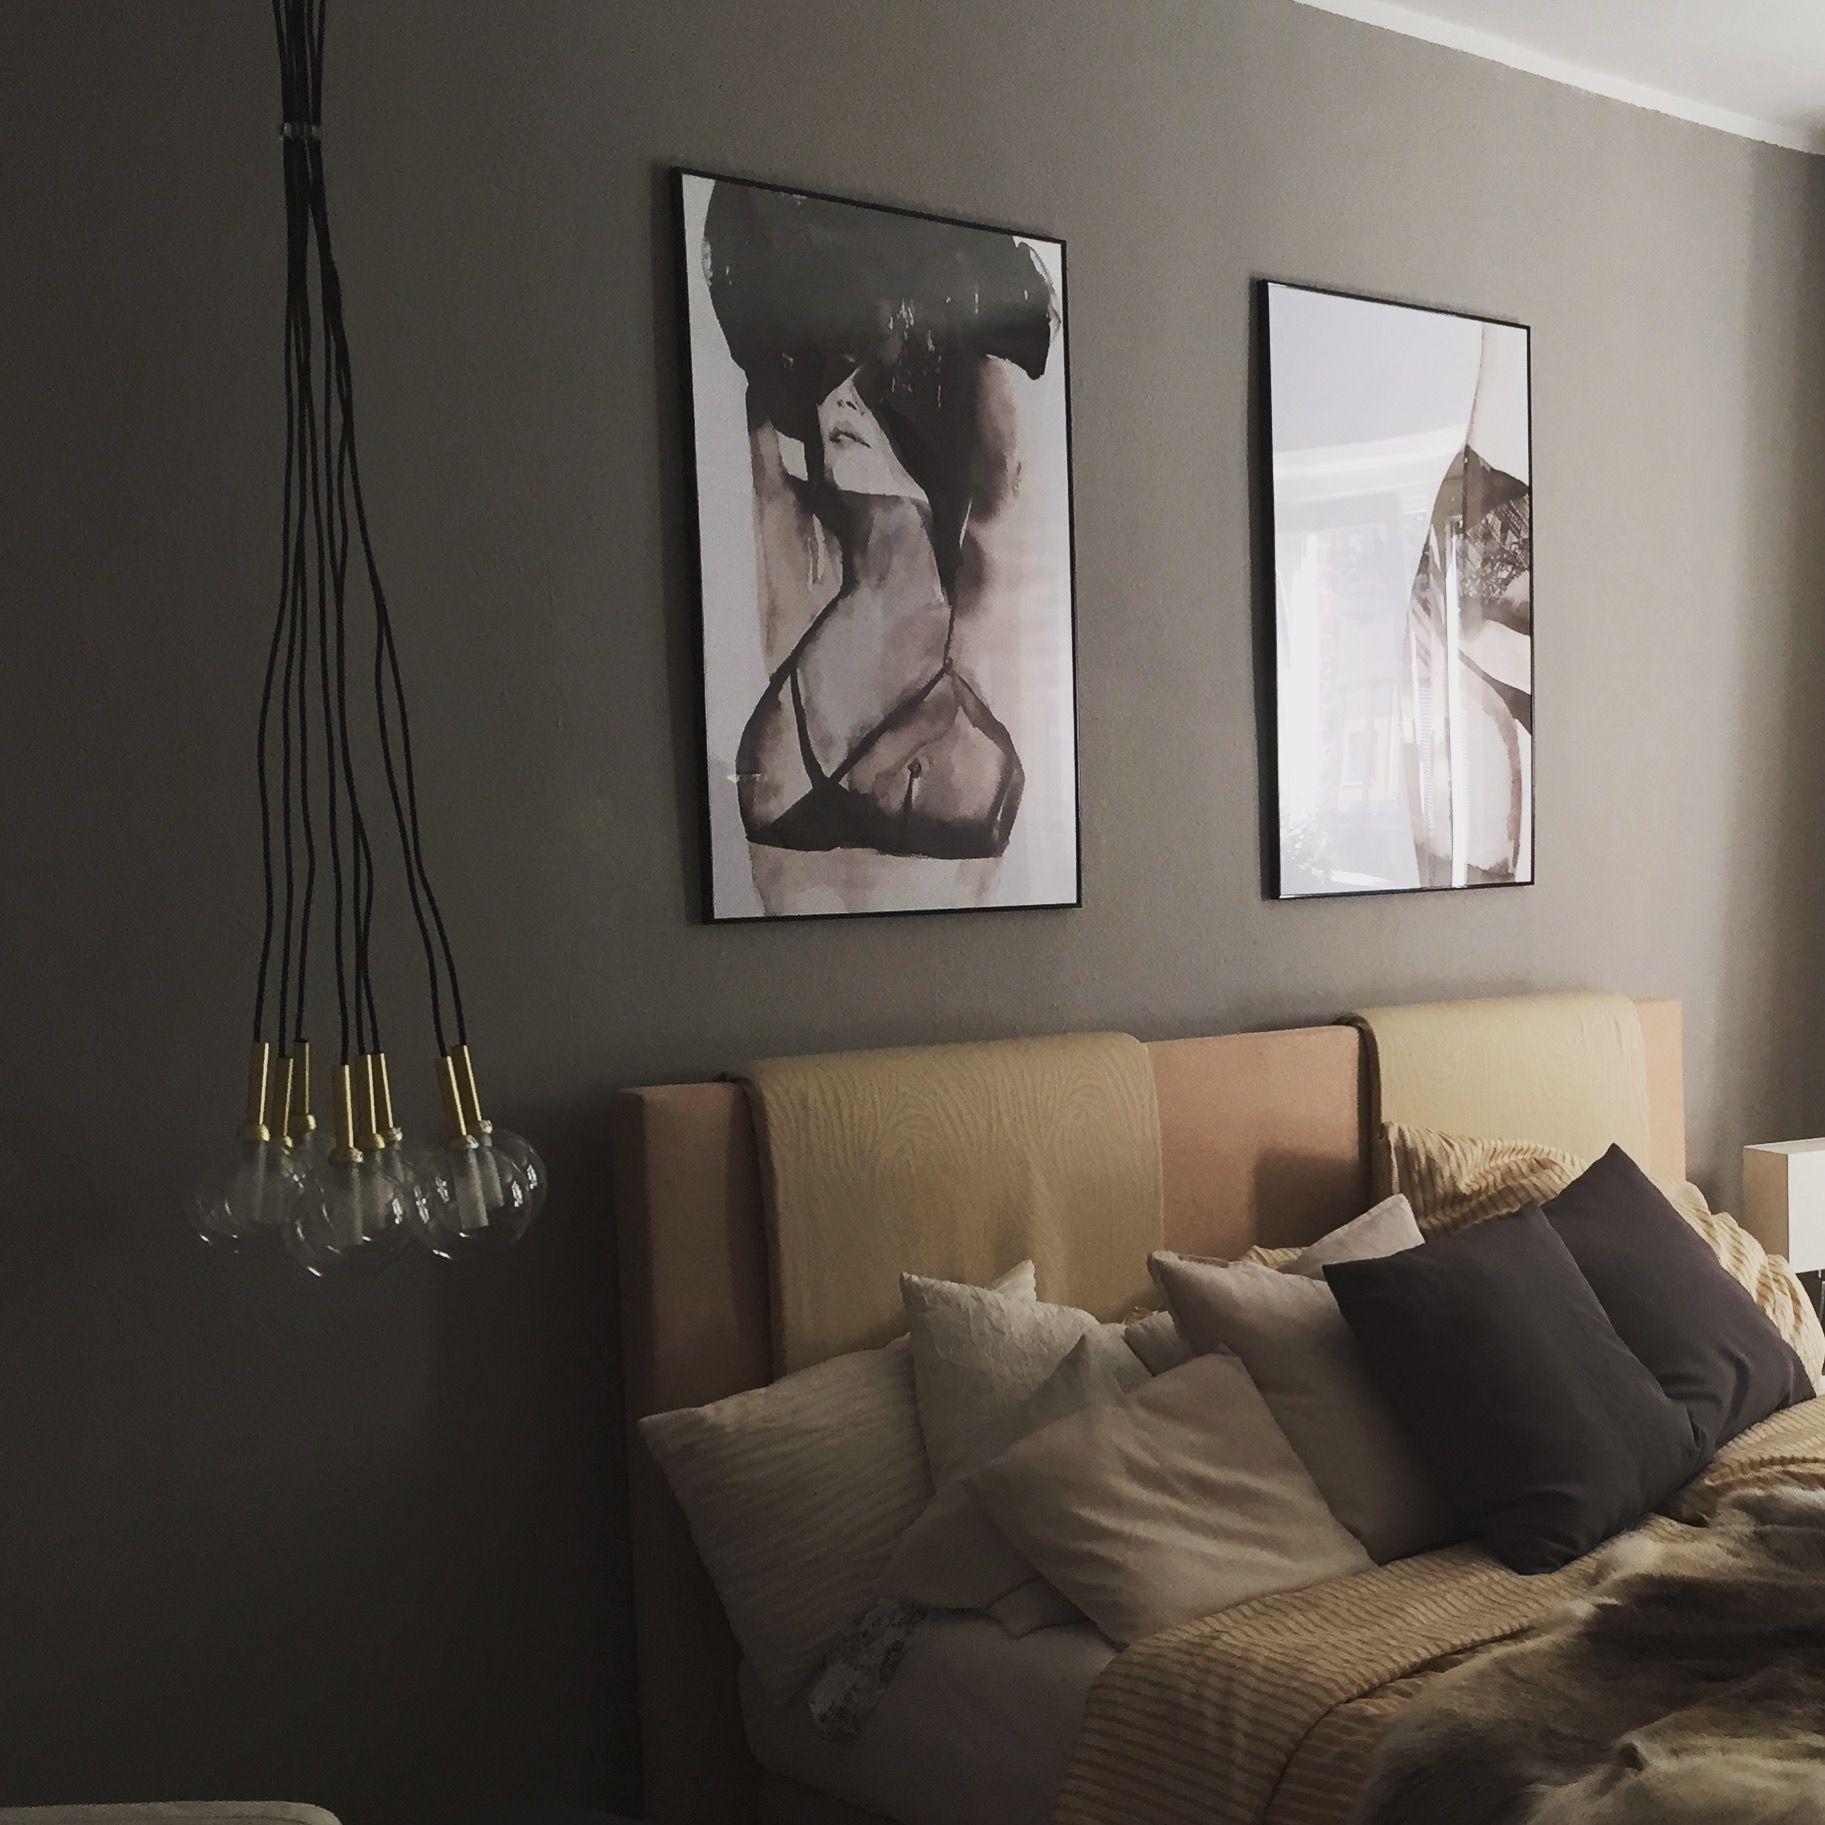 Wandfarbe Alpina Dcher von Paris  Alpina Dcher von Paris in 2019  Wandfarbe Wohnzimmer und